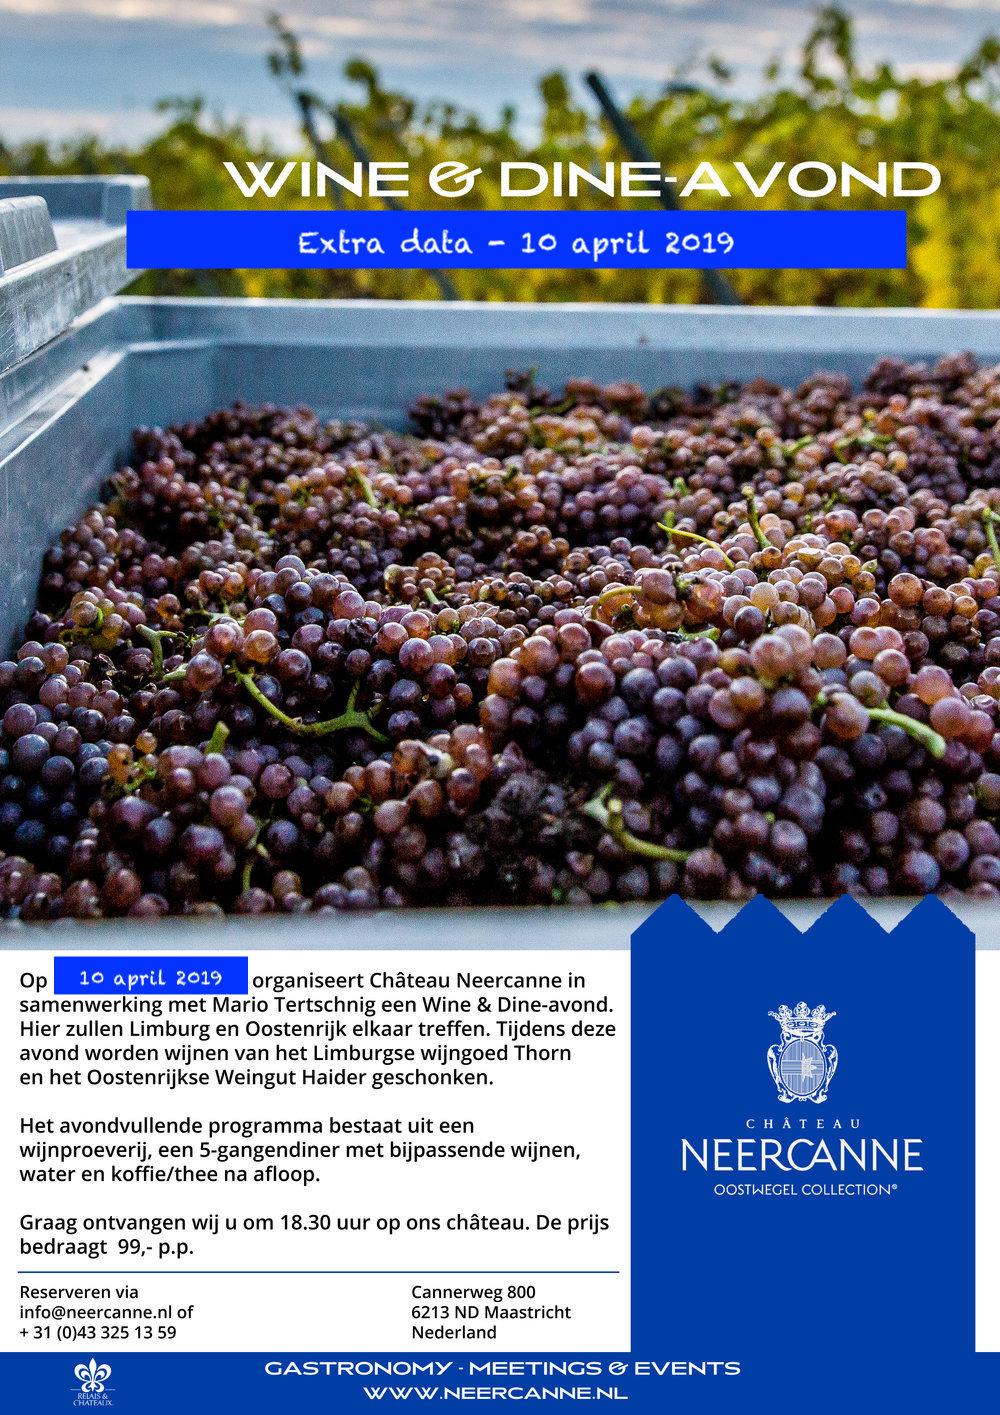 NC_wine&dine_april2019.jpg